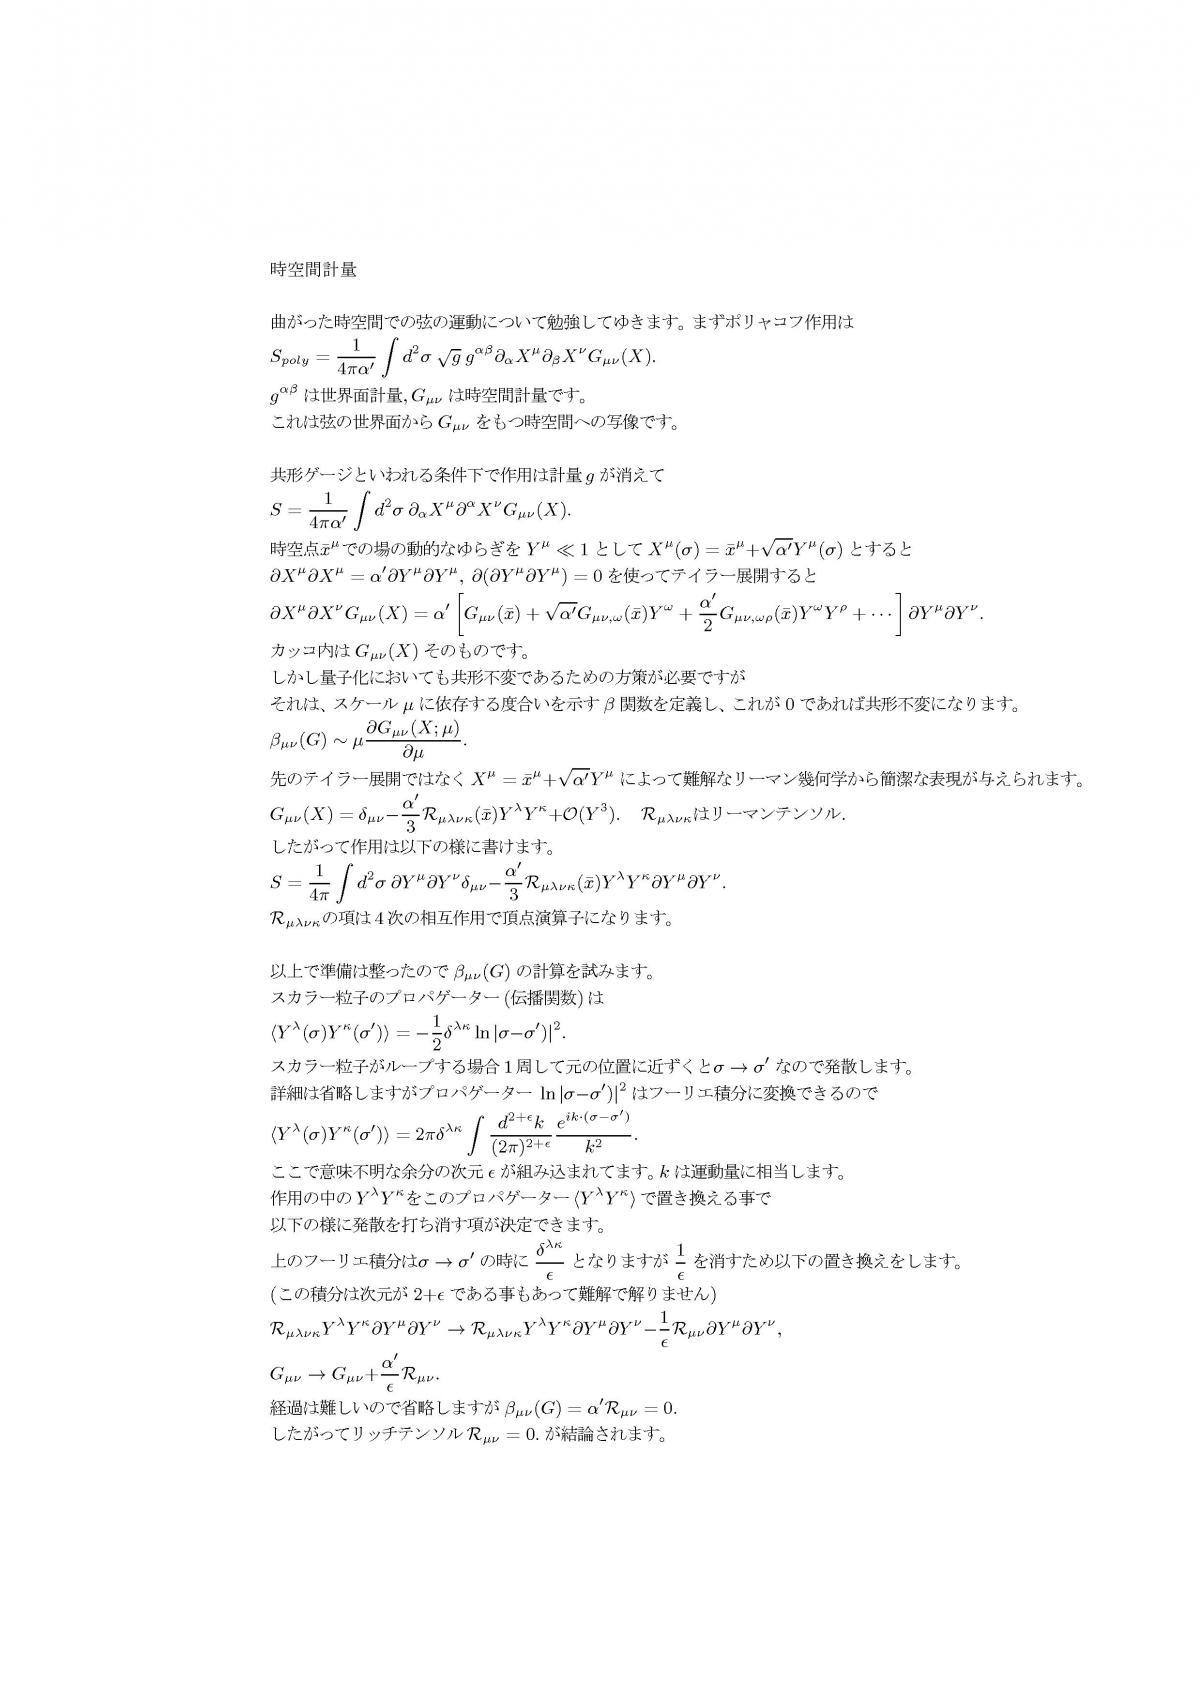 pgen57a.jpg